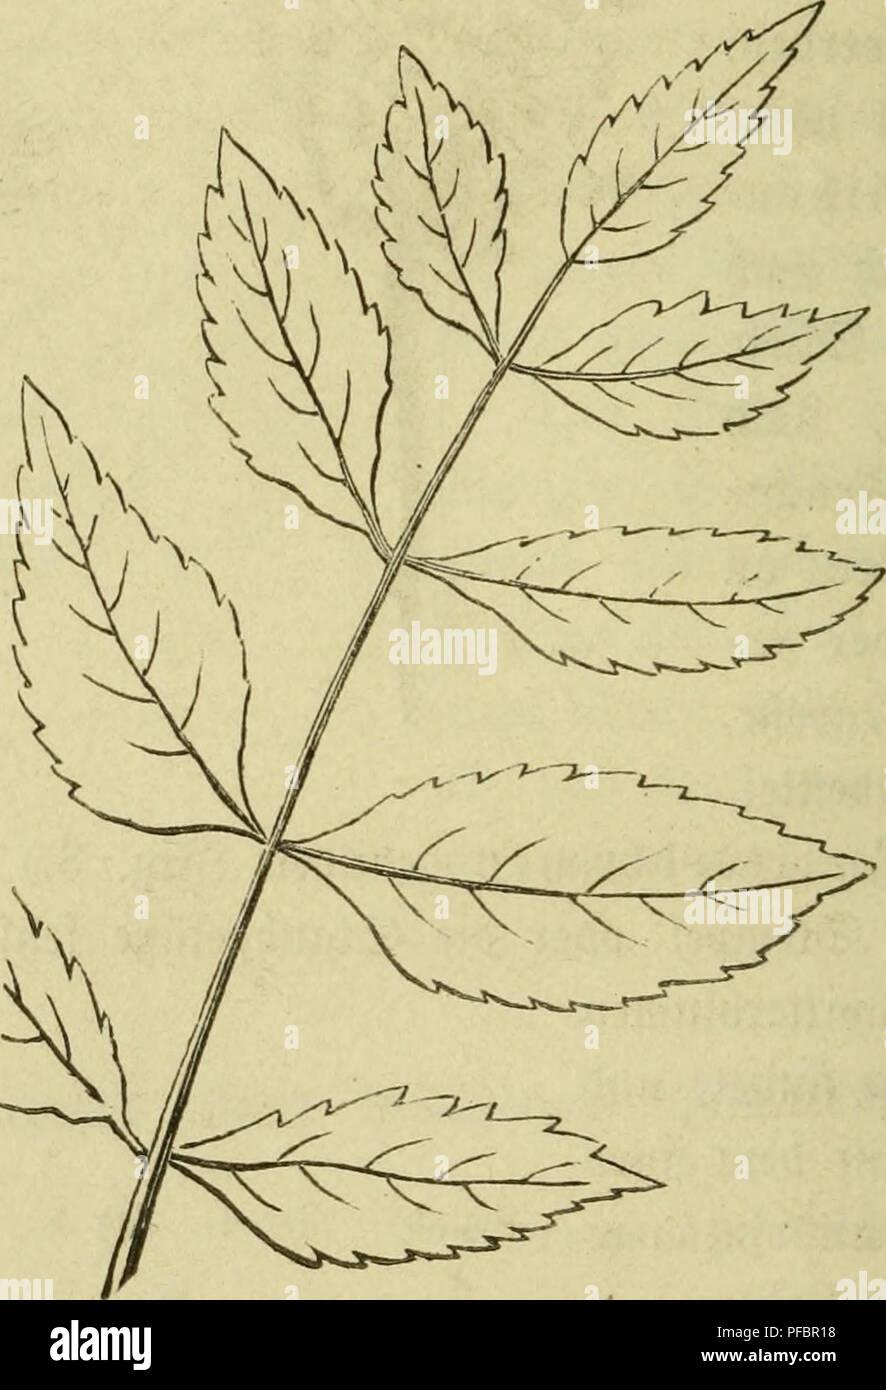 . Der Führer in die Pflanzenwelt. Hülfsbuch zur Auffindung und Bestimmung der wichtigsten in Deutschland wild wachsenden Pflanzen. Plants. 64 :^rtt. — I. 53äume mib @träud;er. 16—29. ^tg. 6. ^eigt un§ eine ^rui^t in natürü^er ©röge. Sie ift eine flac^ jnfammengebrücfte, einfamige 9^6, mld)e an ber @pi^e in einen Mattartigen i^tügel verlängert ift, unb erft im §erbfte reift. ®en ©amen jeigt gig. 7. ®ie 331ätter ber (gfc^e finb gefiebert (pinnata). 3)iefe im ?5f(anjett= reiche l^änfige, fd;Öne, befonber^ ben inärmeren 3oncn ange^^orenbe 33tatt= form betrachten mir nä^er. ^ig. 8. ertäntert fte un - Stock Image